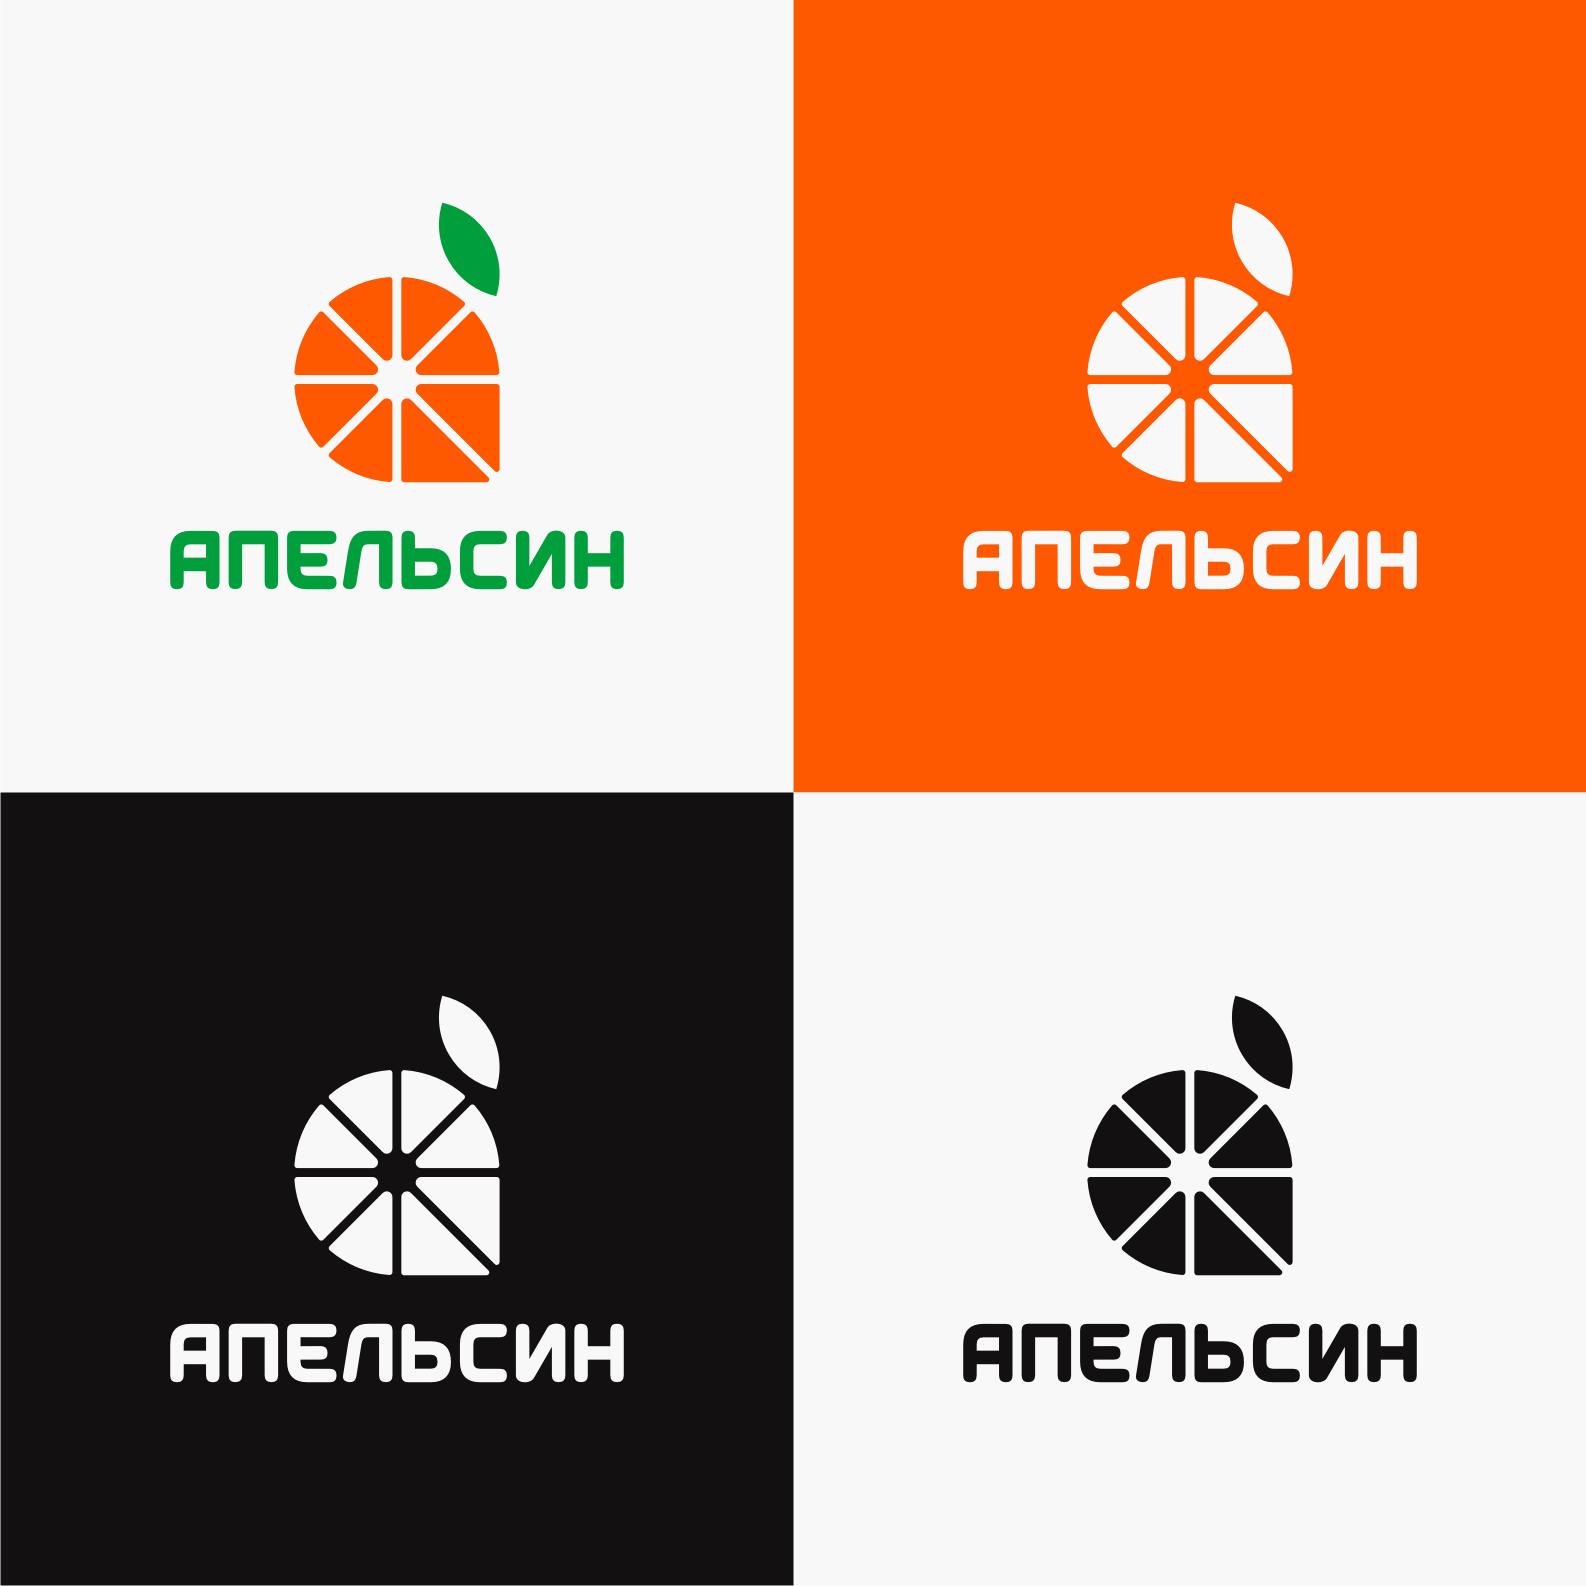 Логотип и фирменный стиль фото f_4305a709bc7c86c2.png